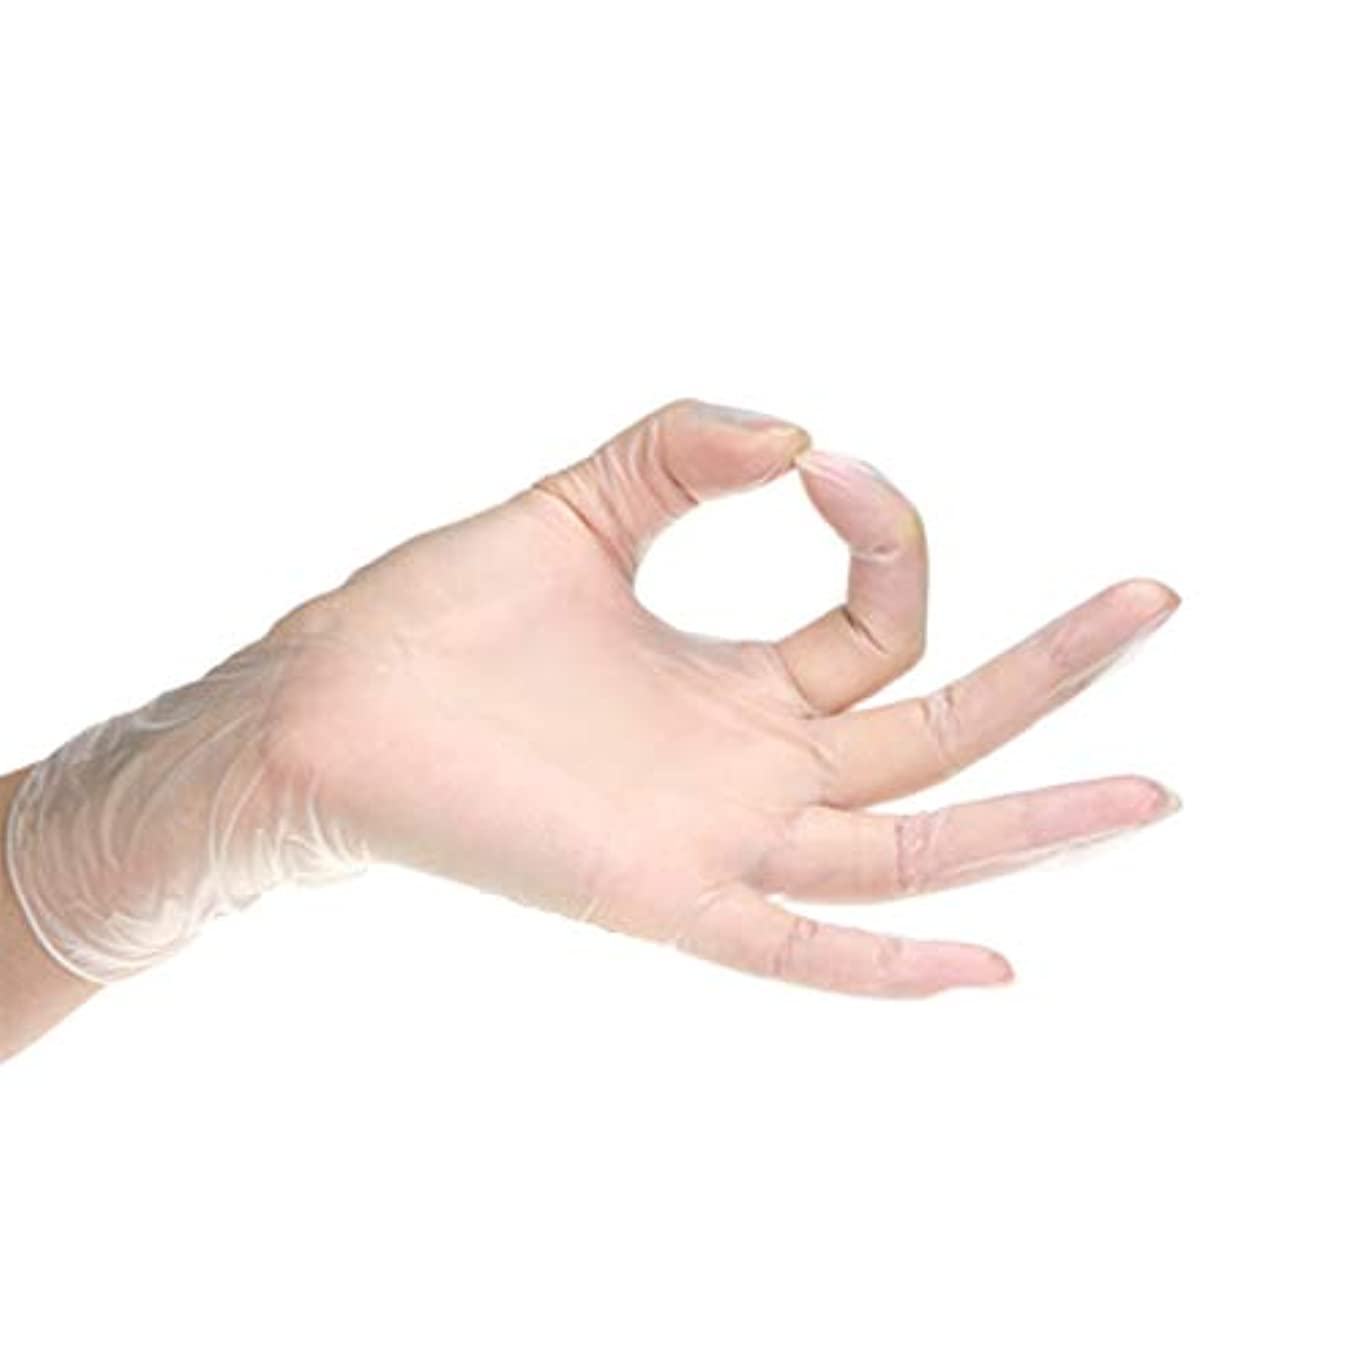 骨銀行珍しい使い捨て手袋 ニトリル手袋 はエビをむいて 野菜 顔を切っ て料理の 食品を加工して粉がなく 透明 100枚 (L)